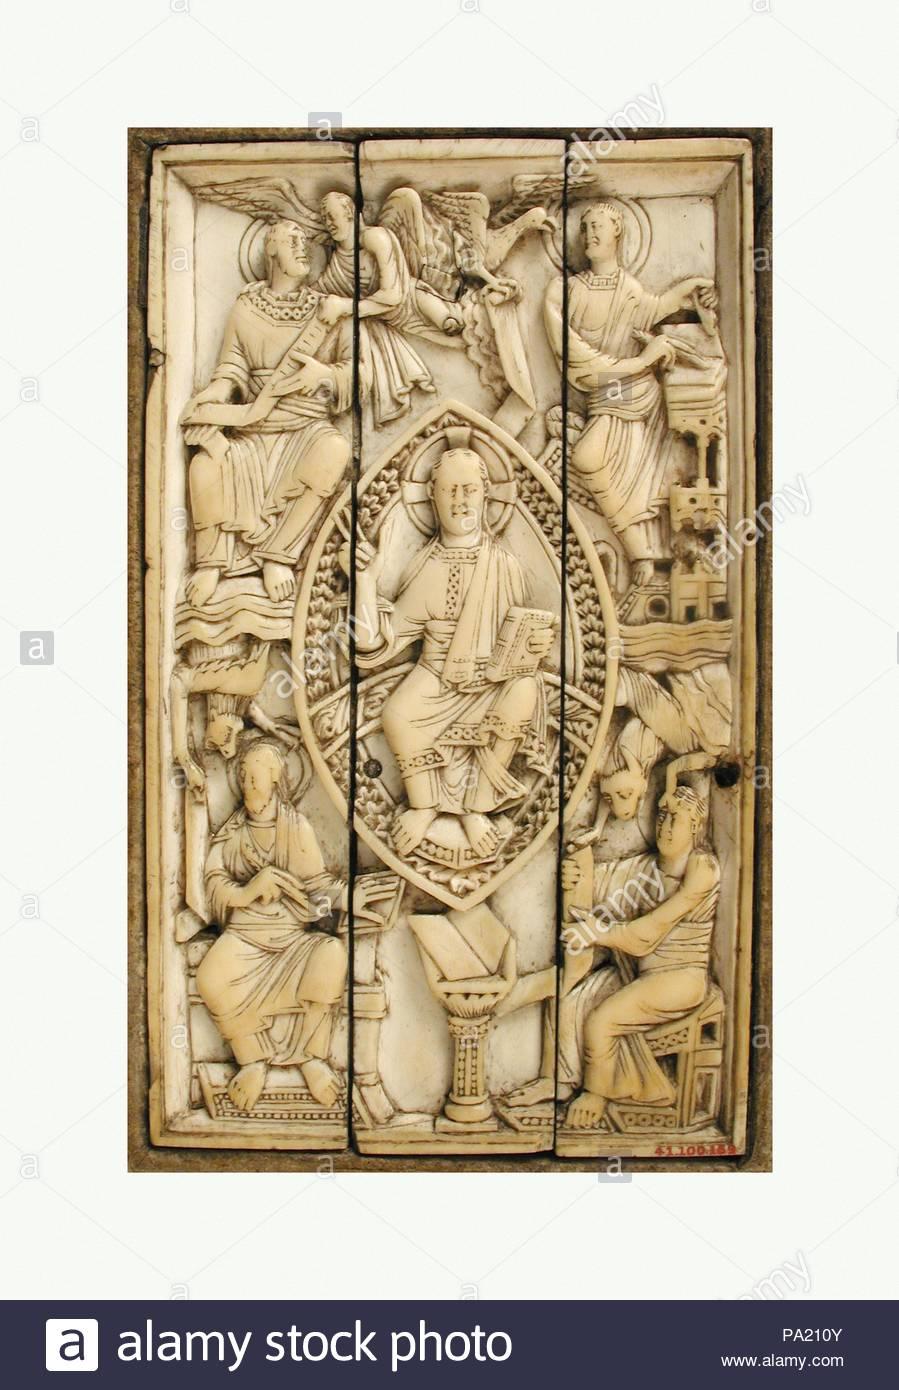 Plaque avec le Christ en majesté et les quatre évangélistes, 11e siècle, à Cologne, en Allemagne, l'ivoire, Ottonienne, Total: 6 1/8 x 3 3/4 in. (15,6 x 9,5 cm), des ivoires, les évangélistes écrivent leurs Évangiles ici avec l'aide de leurs symboles caractéristique. Un boeuf ouvert littéralement les yeux de Luc pour recevoir l'inspiration divine, alors que Mark's lion semble être la parole à l'auteur. Photo Stock